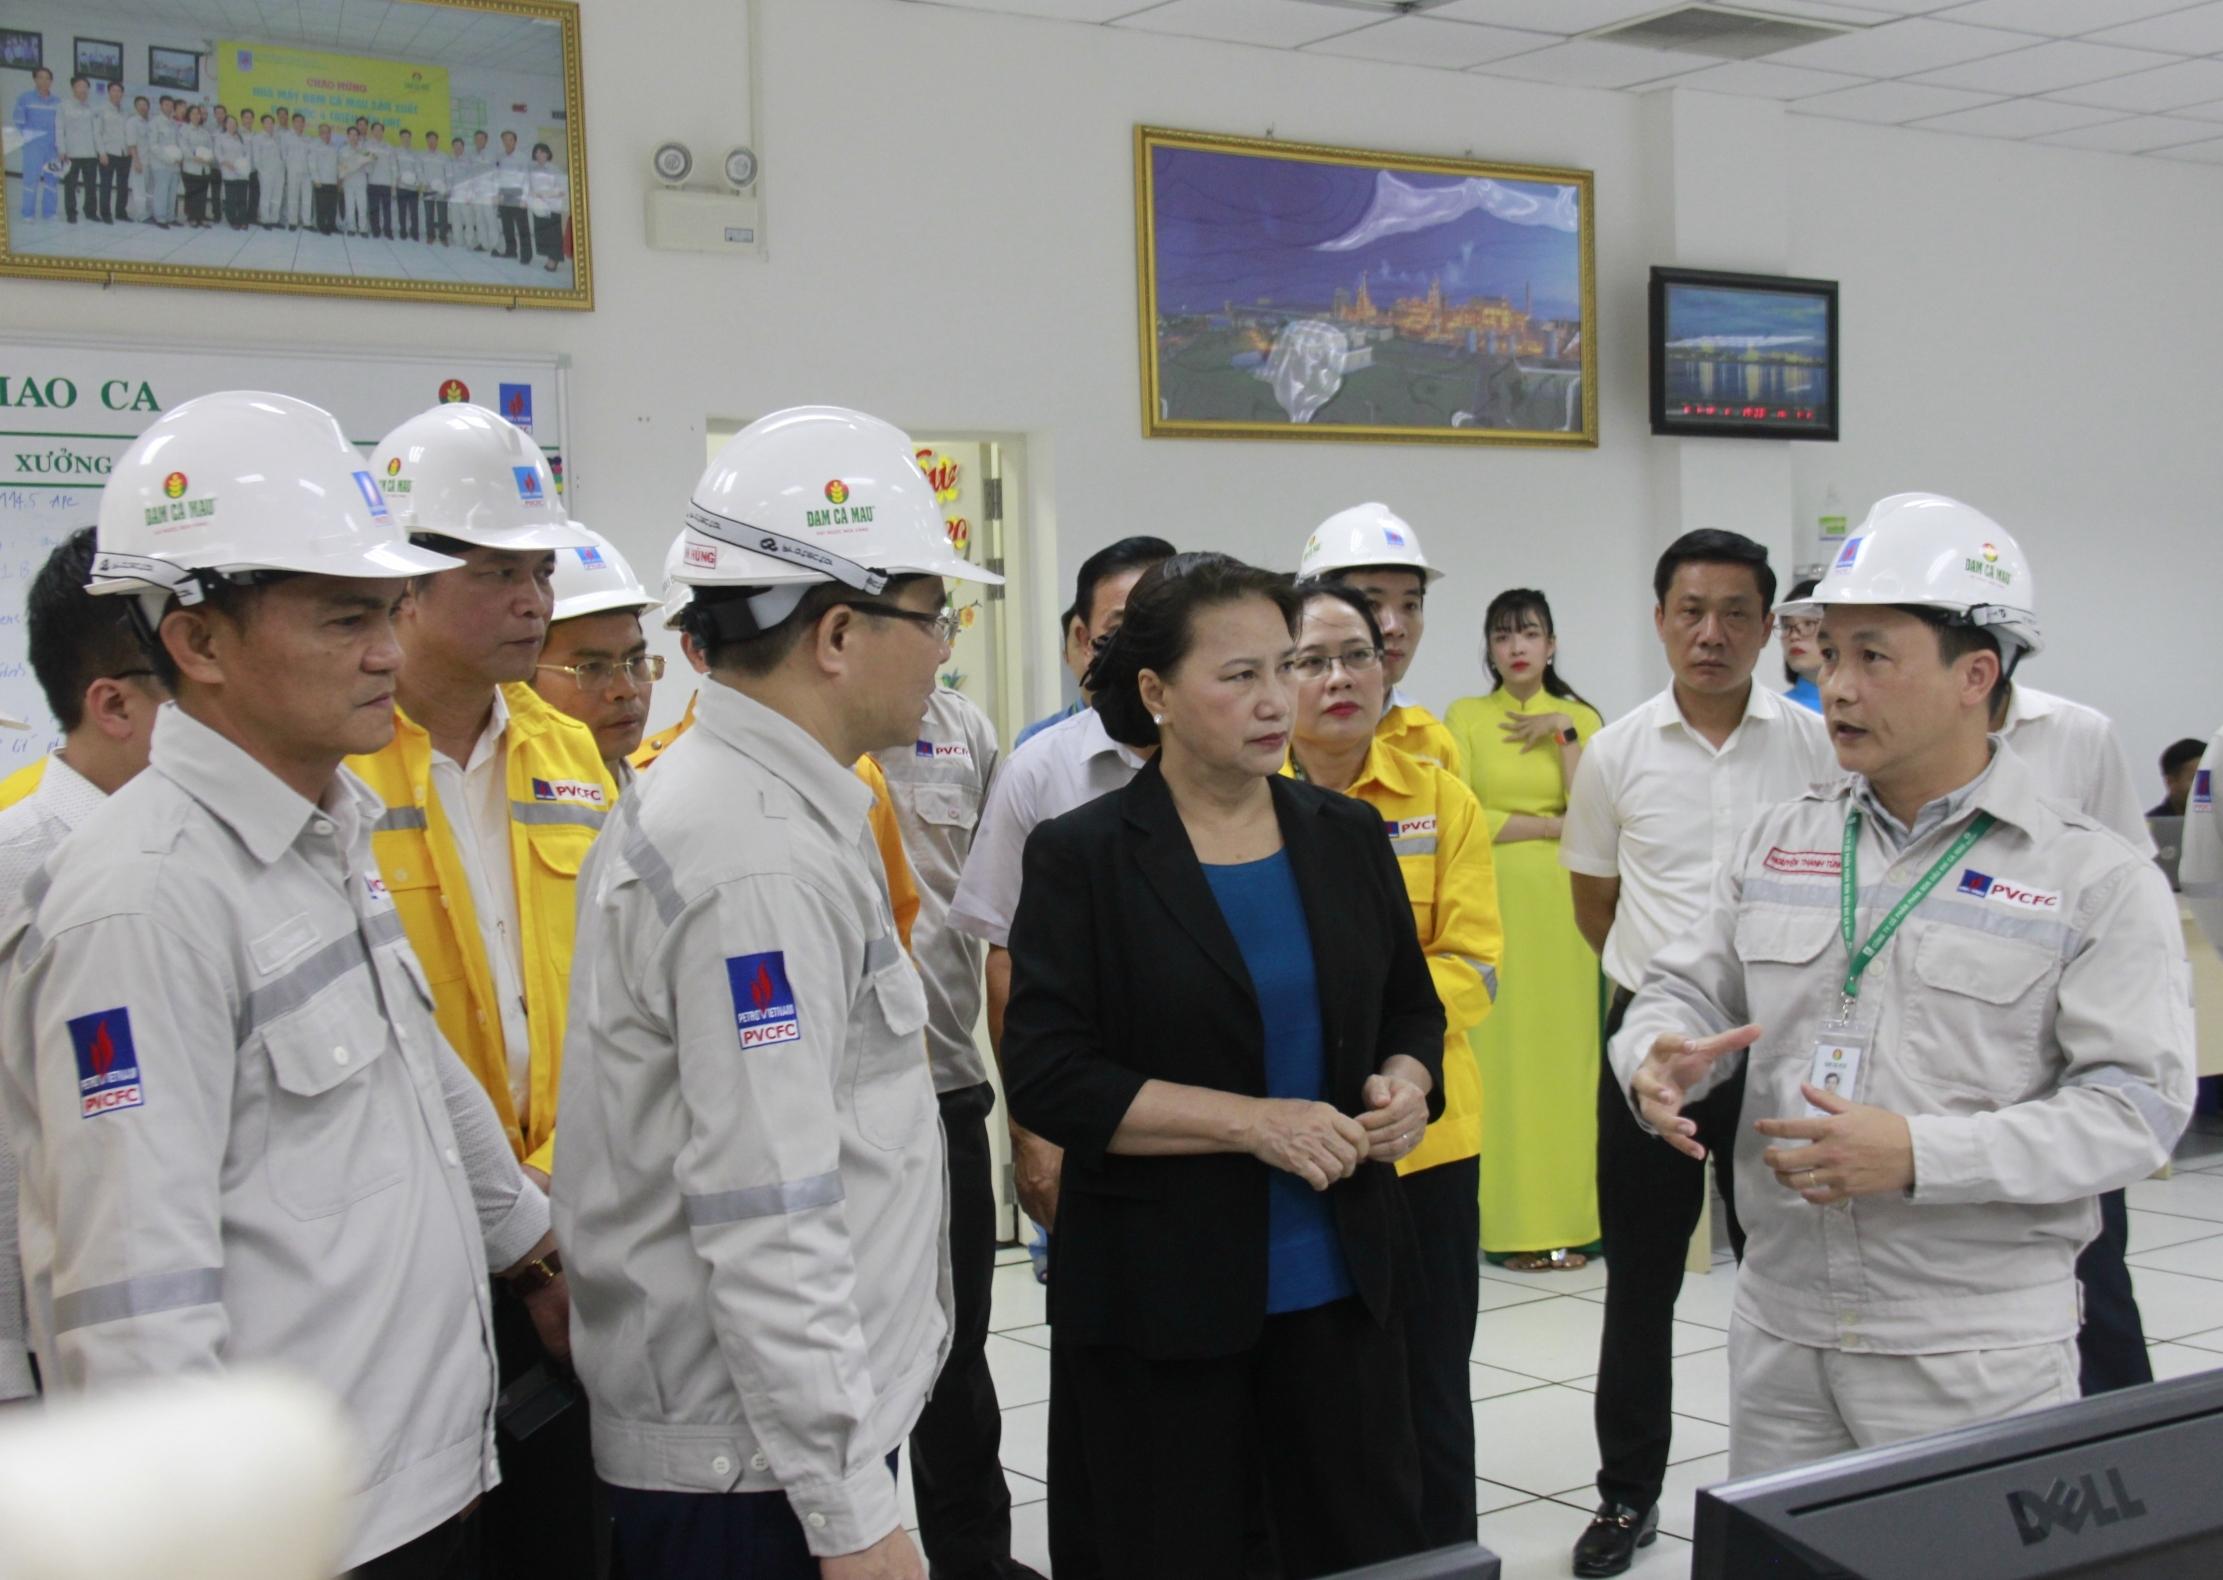 Chủ tịch Quốc hội Nguyễn Thị Kim Ngân: Cụm Khí - Điện - Đạm Cà Mau là hình mẫu của Petrovietnam